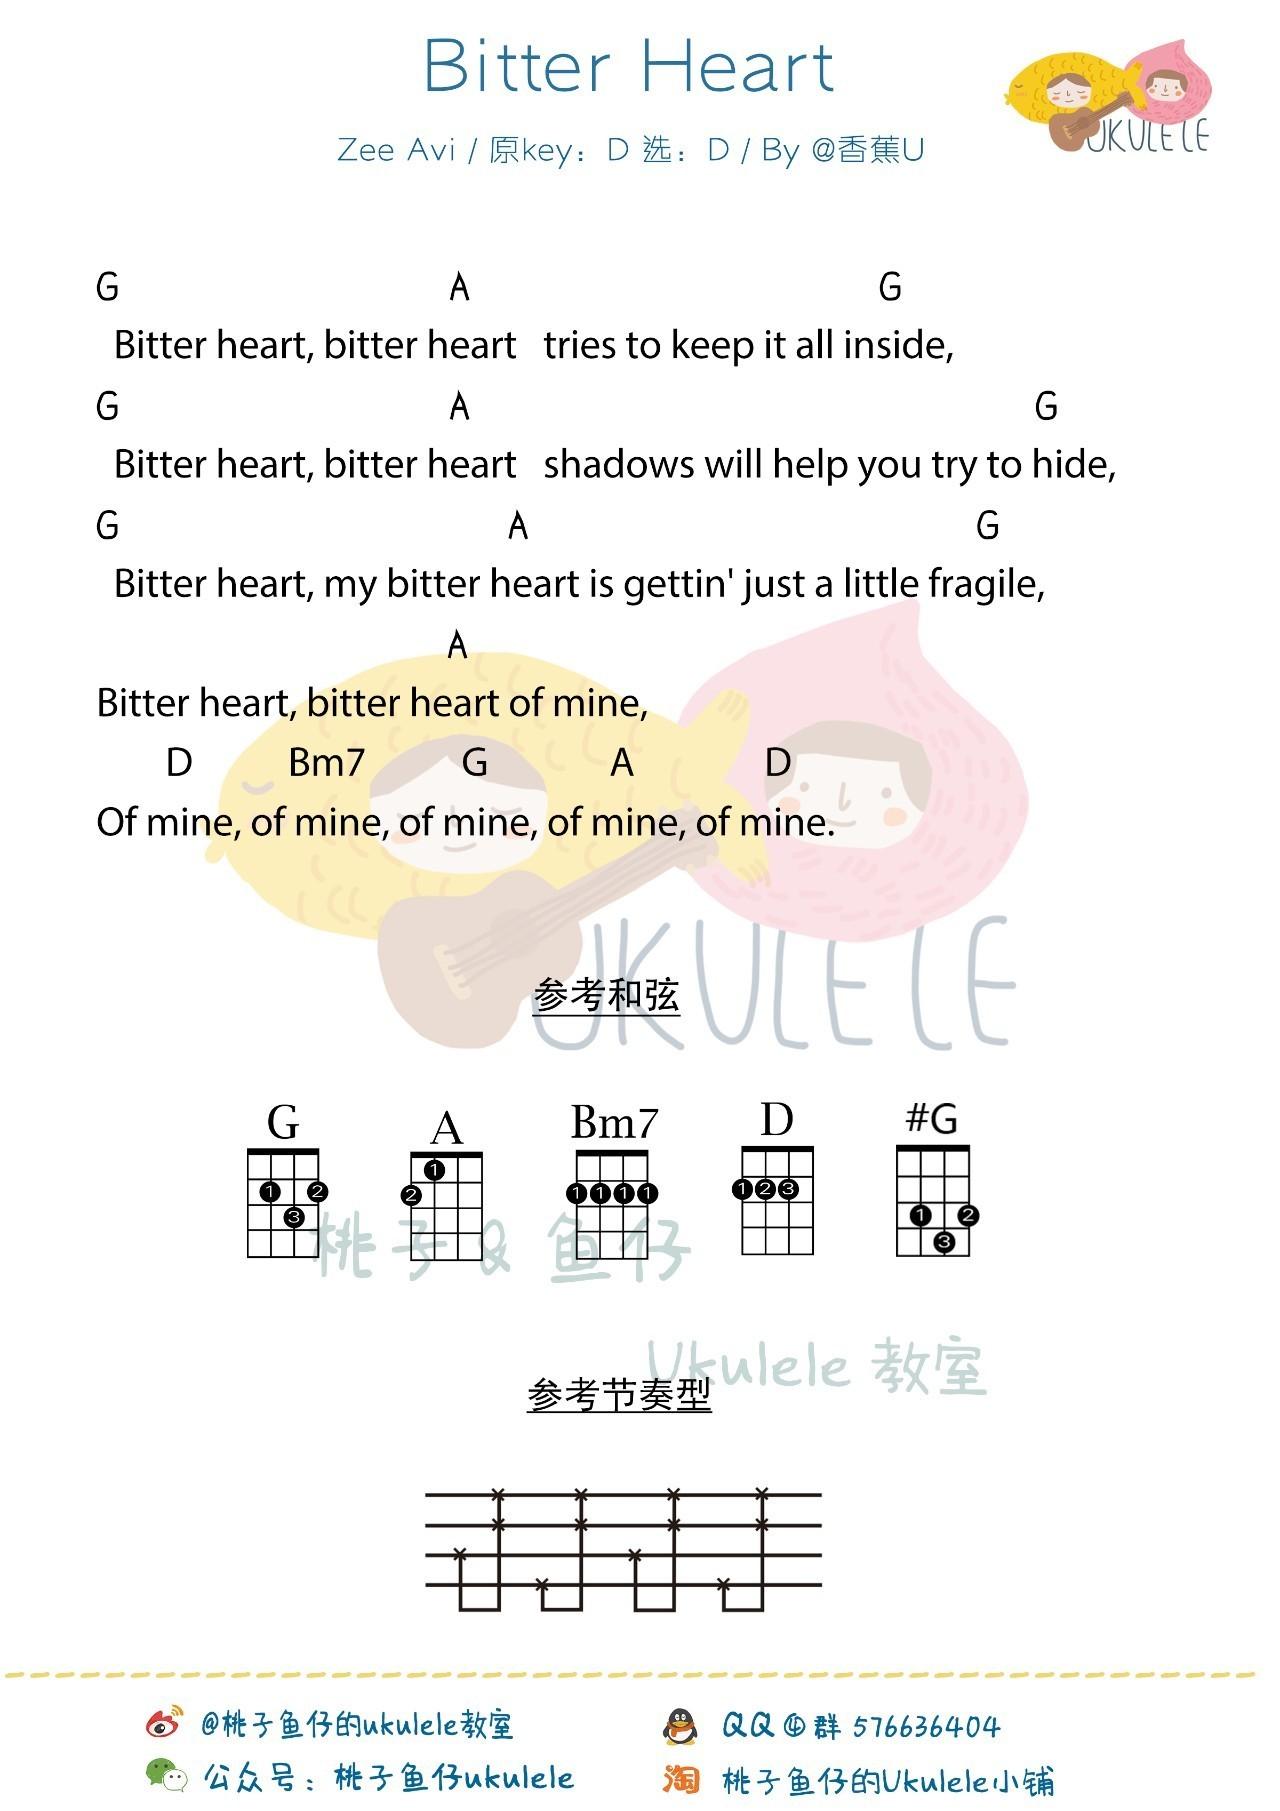 《Bitter Heart》吉他教学